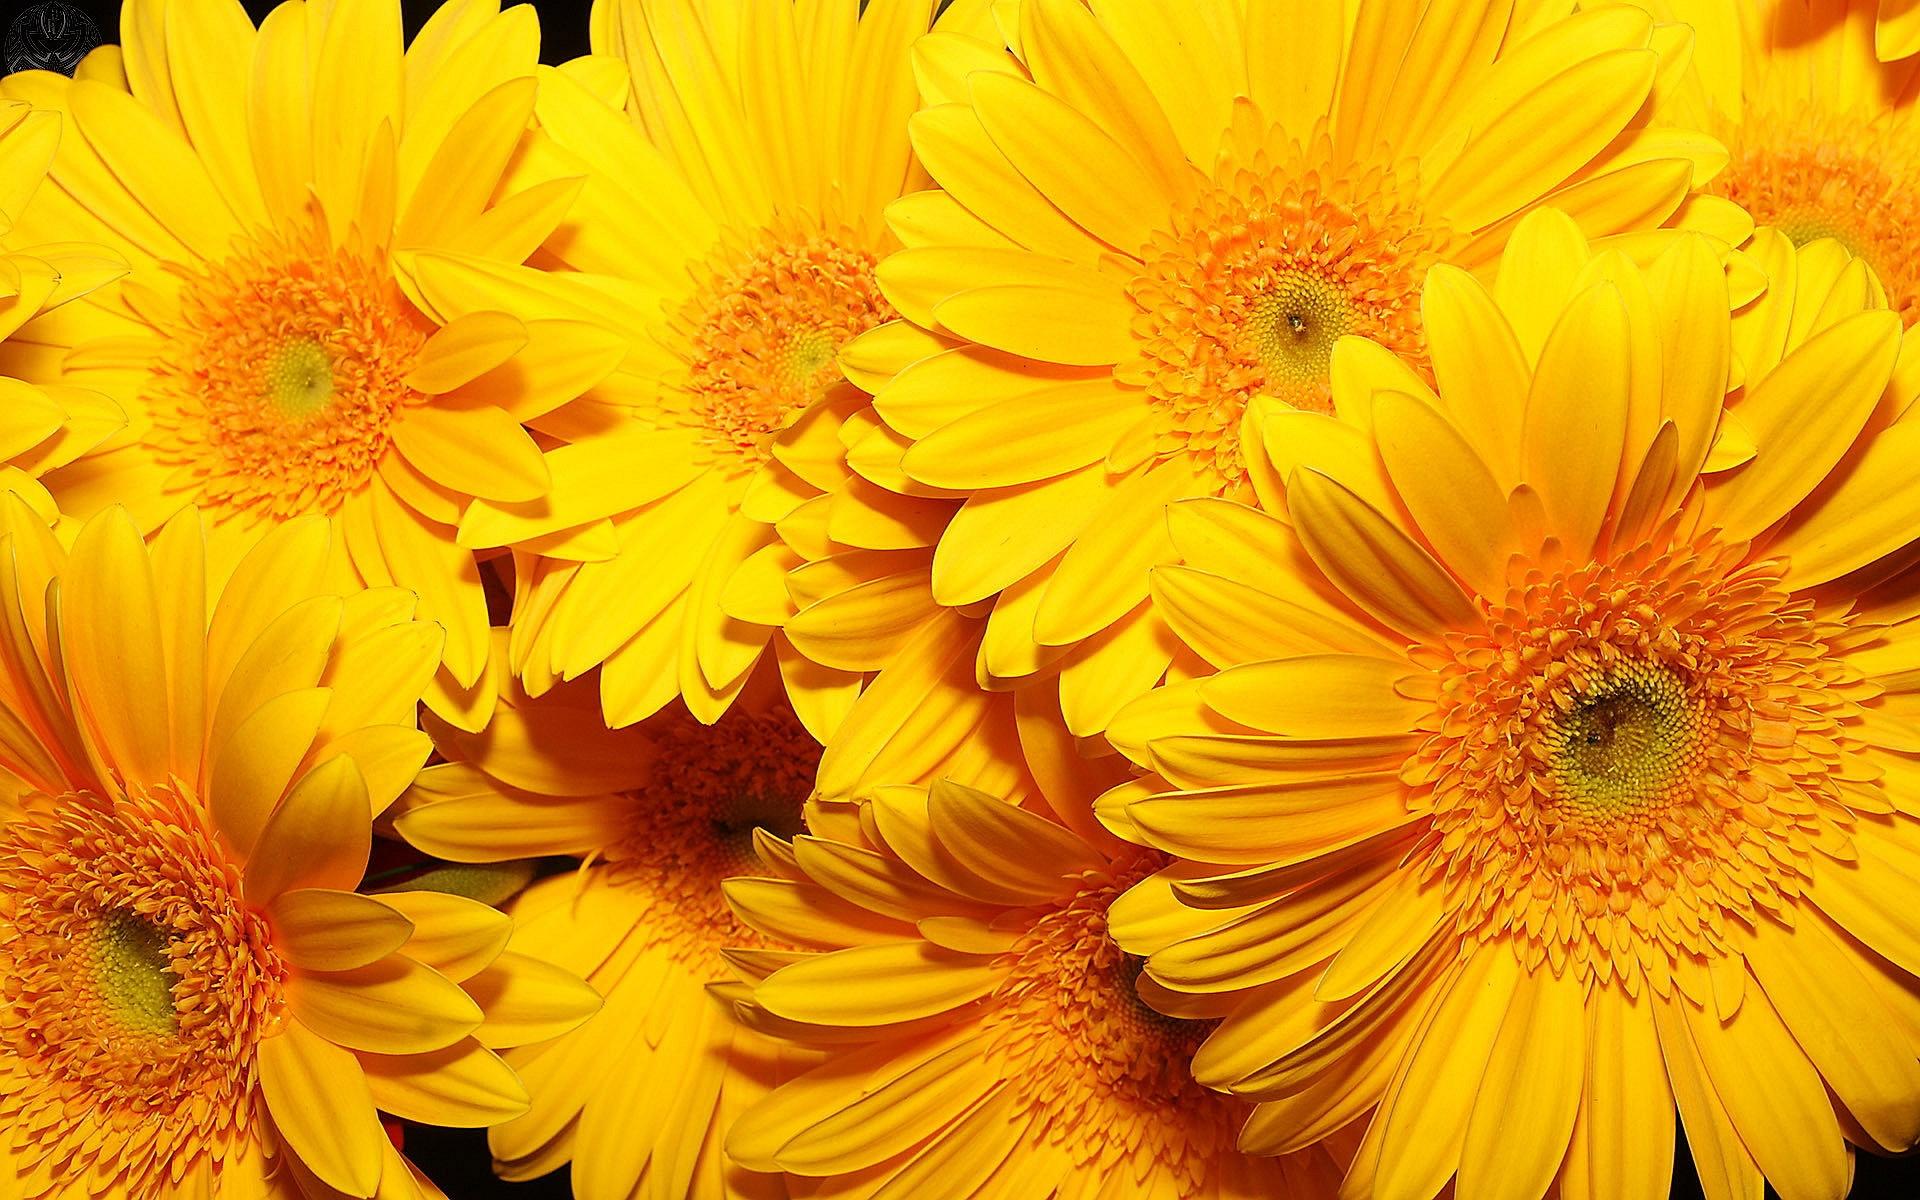 Yellow flowers 14157 1920x1200px yellow flowers 14157 mightylinksfo